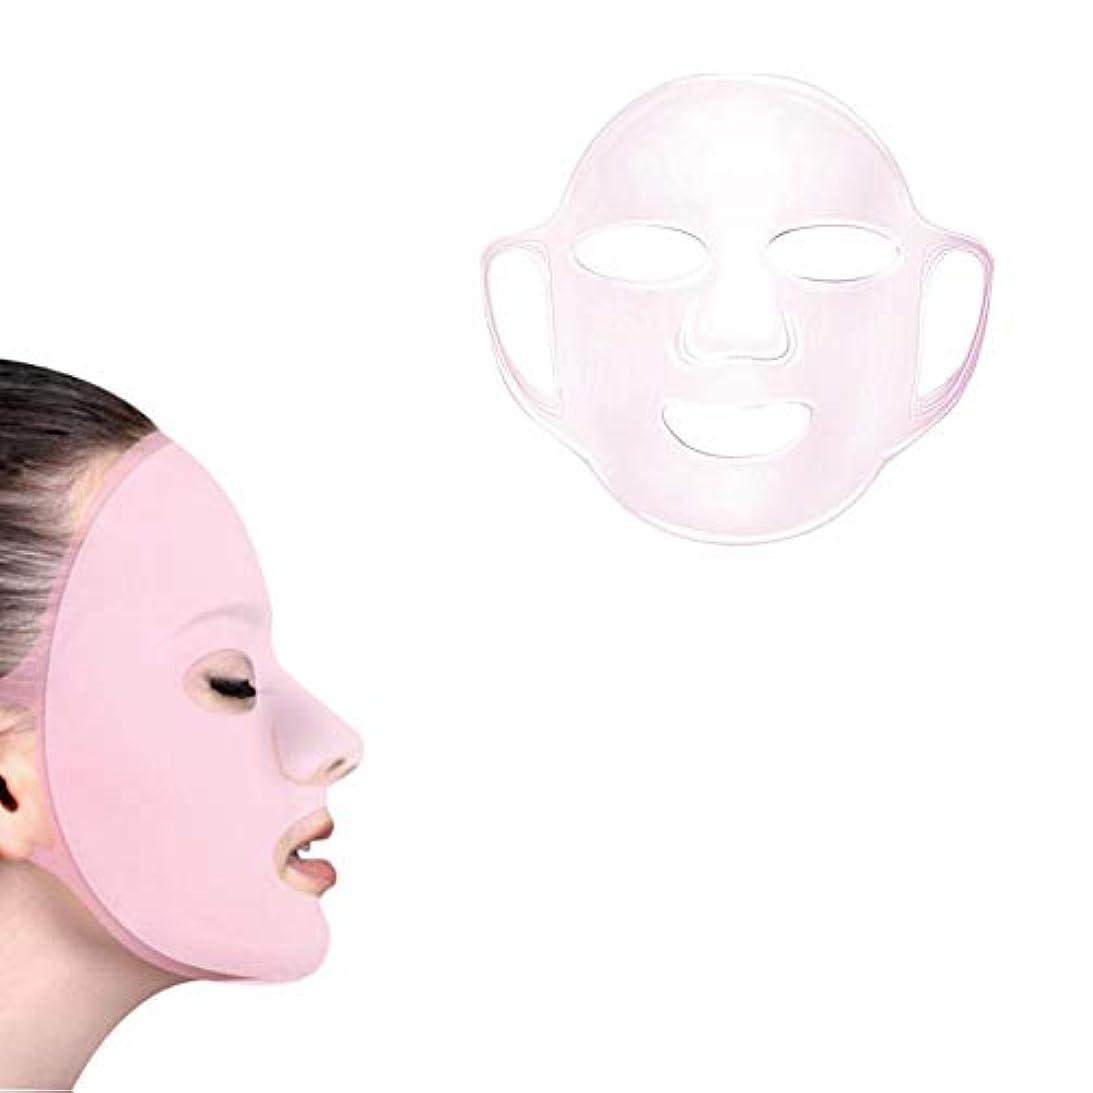 横に窓を洗う傾向があるSILUN シリコーンマスクカバーマスクぶら下げ耳マスク固定防滴カバー水蒸発二重吸収マスクDIY